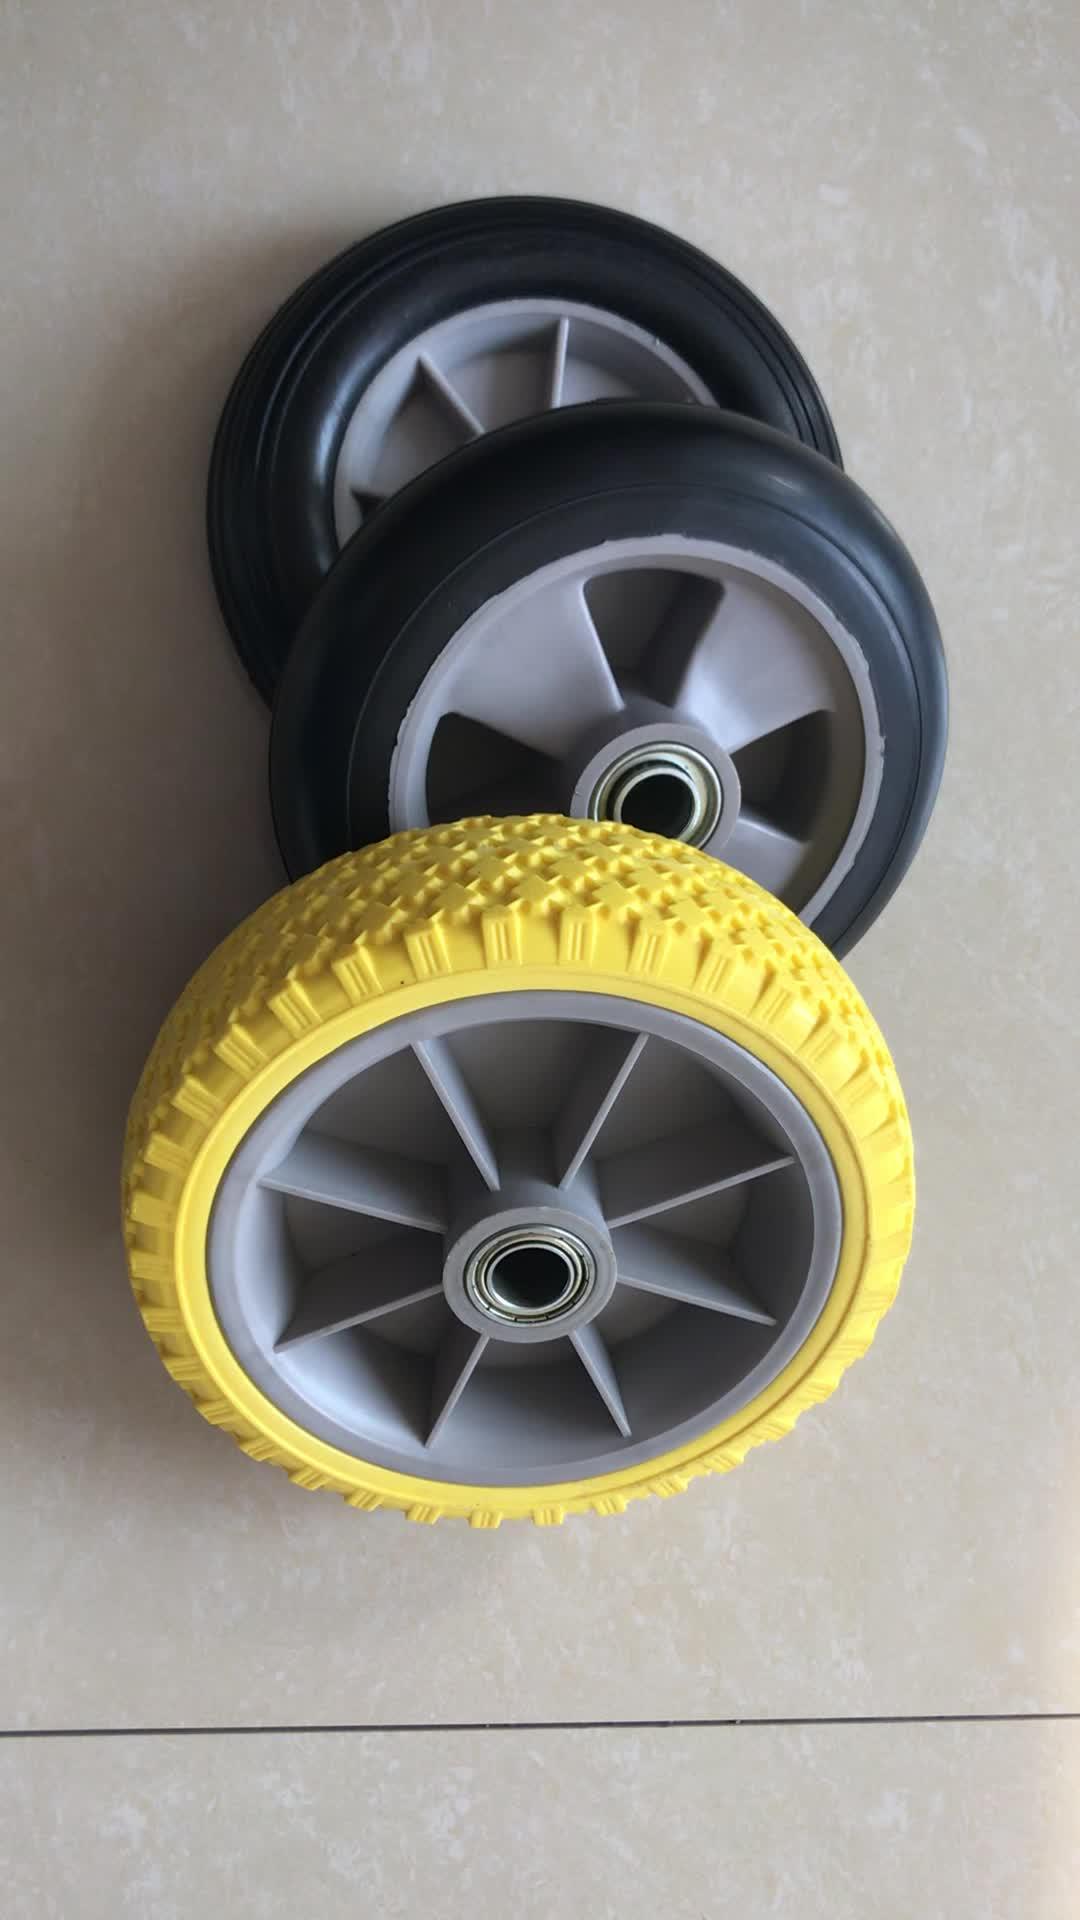 7 Inch Solid Rail Wheels Polyurethane For Hand Trolley